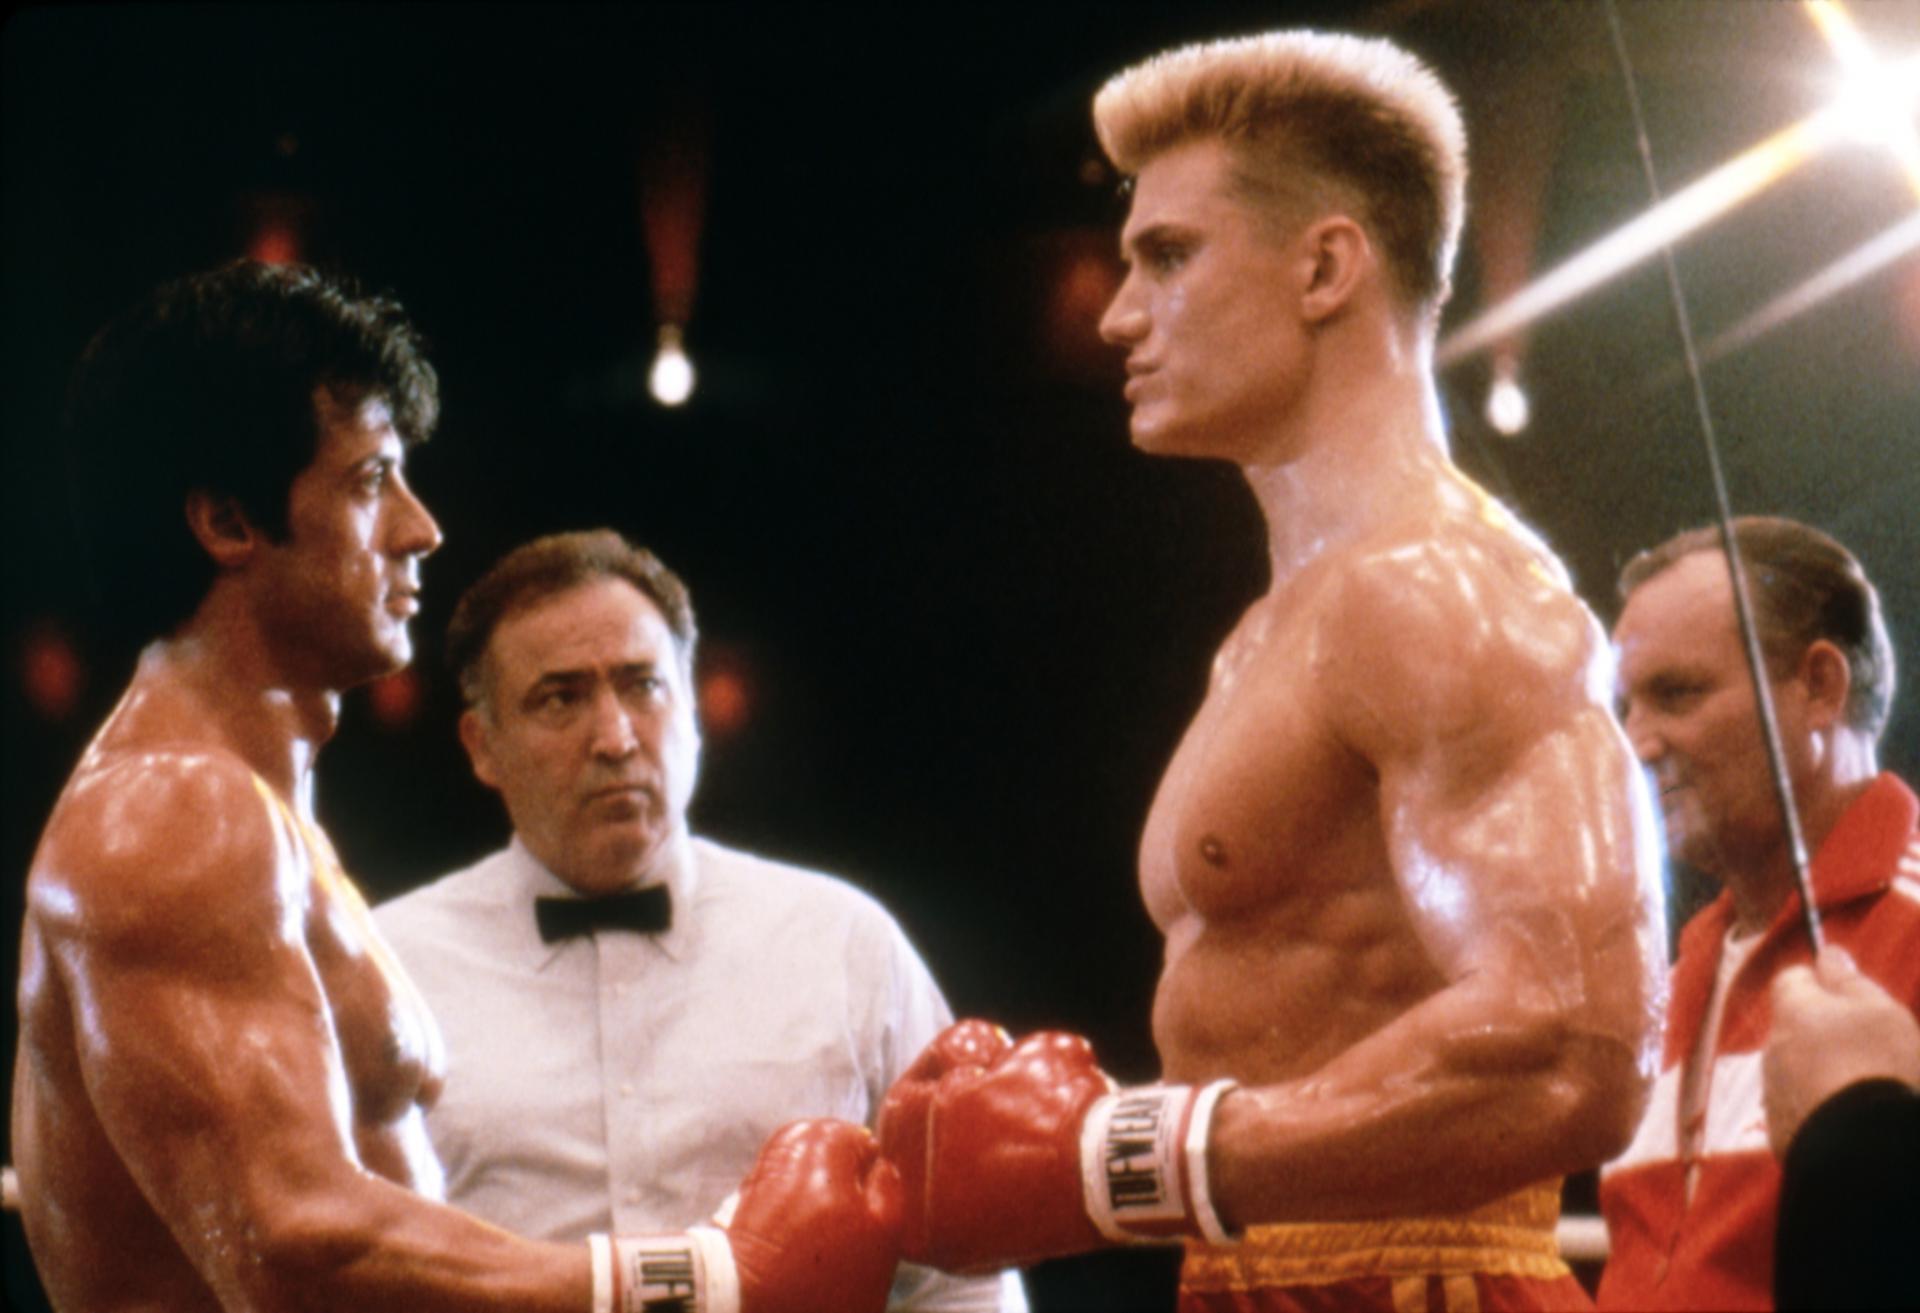 ROCKY IV Milo za Drago, sa srcem u boksačkim rukavicama